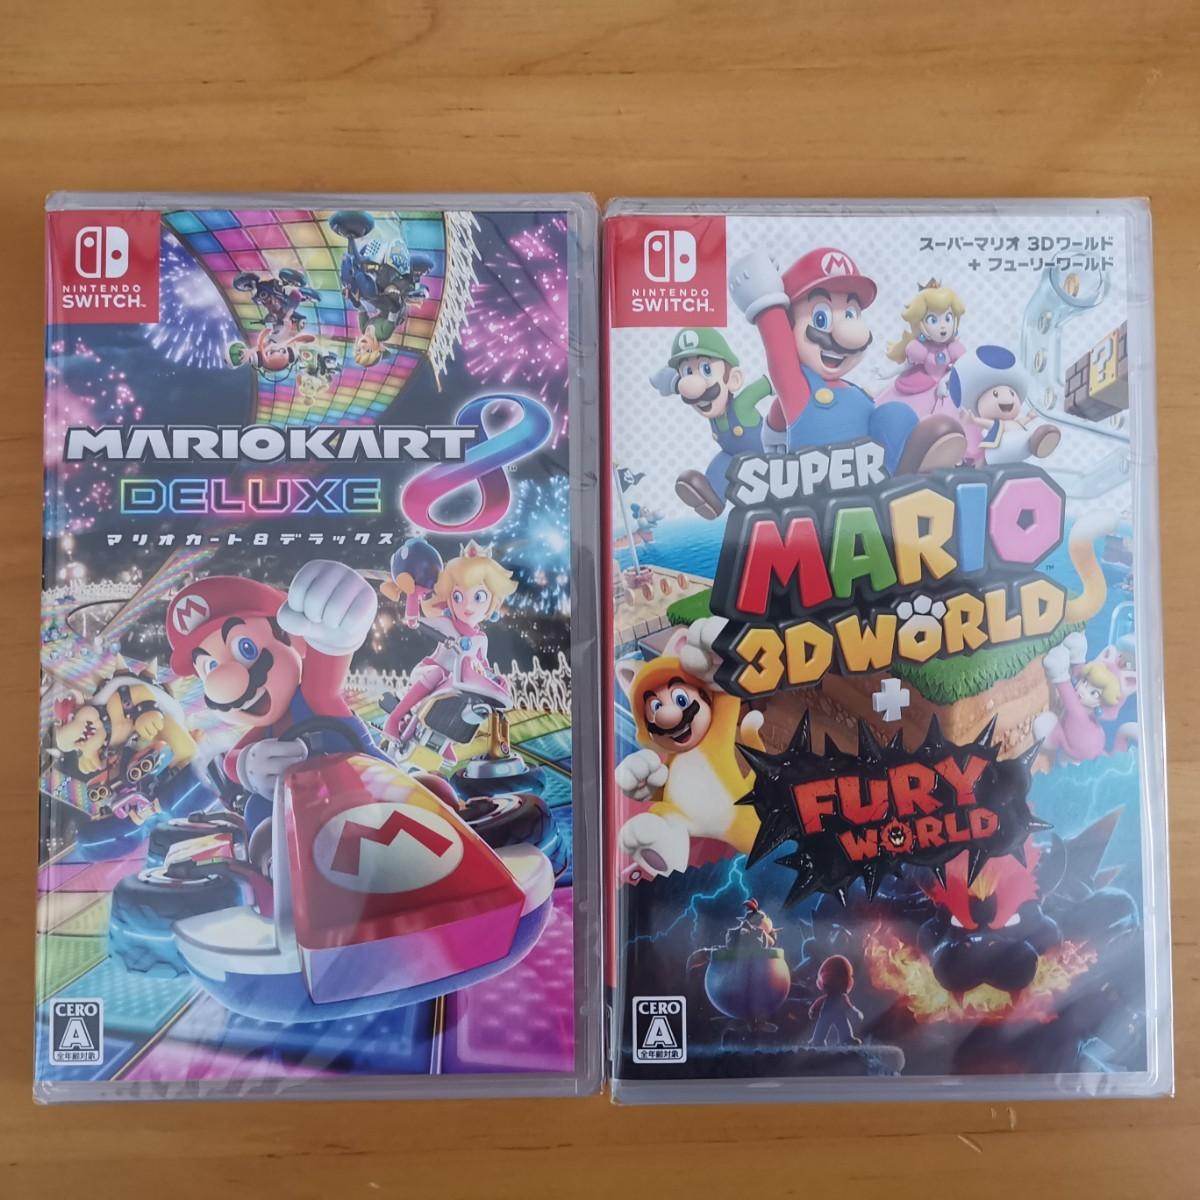 【新品未開封】Nintendo Switchマリオカート8デラックス+スーパーマリオ 3Dワールド+フューリーワールド